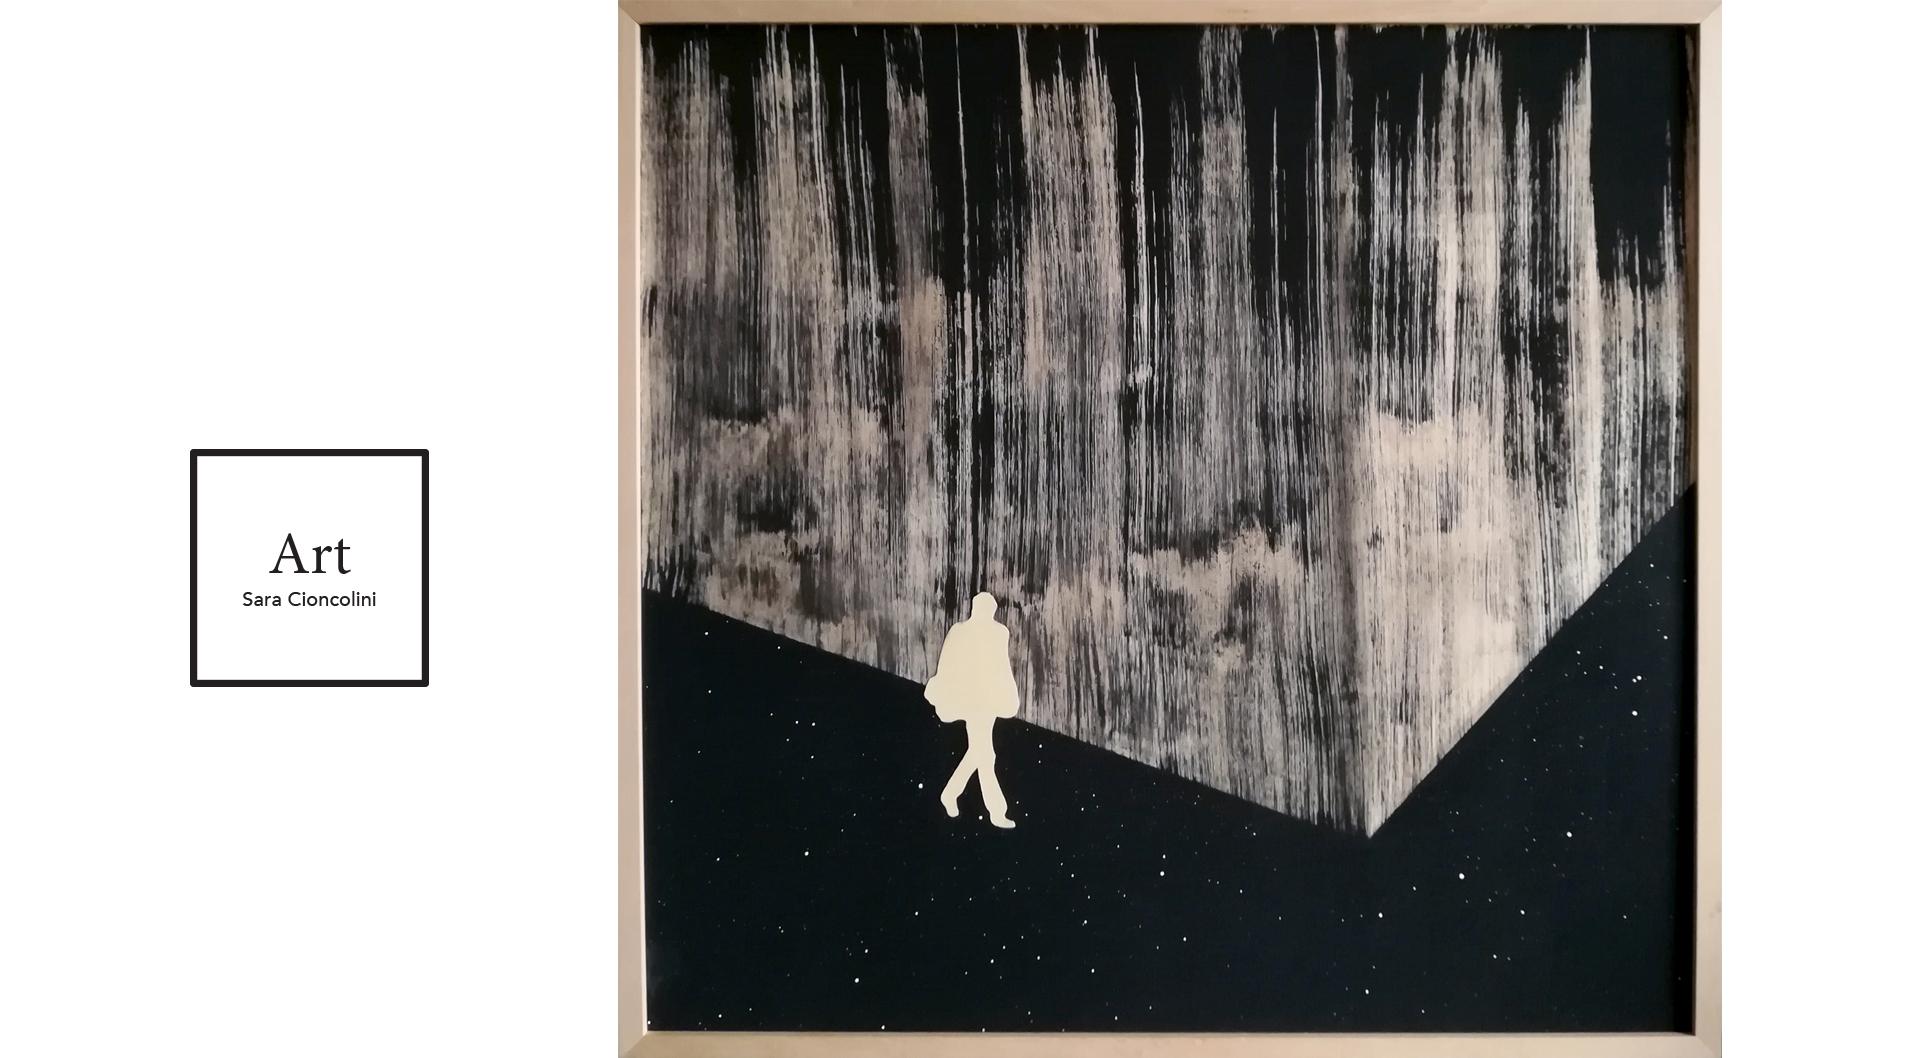 VERNISSAGE ARTE CONTEMPORANEA. la mostra collettiva di arte contemporanea organizzata dalla Galleria Itinerante presso il locale presso Foodstock Vini & Vinili ad Arezzo. L'esposizione comprende anche due mie opere